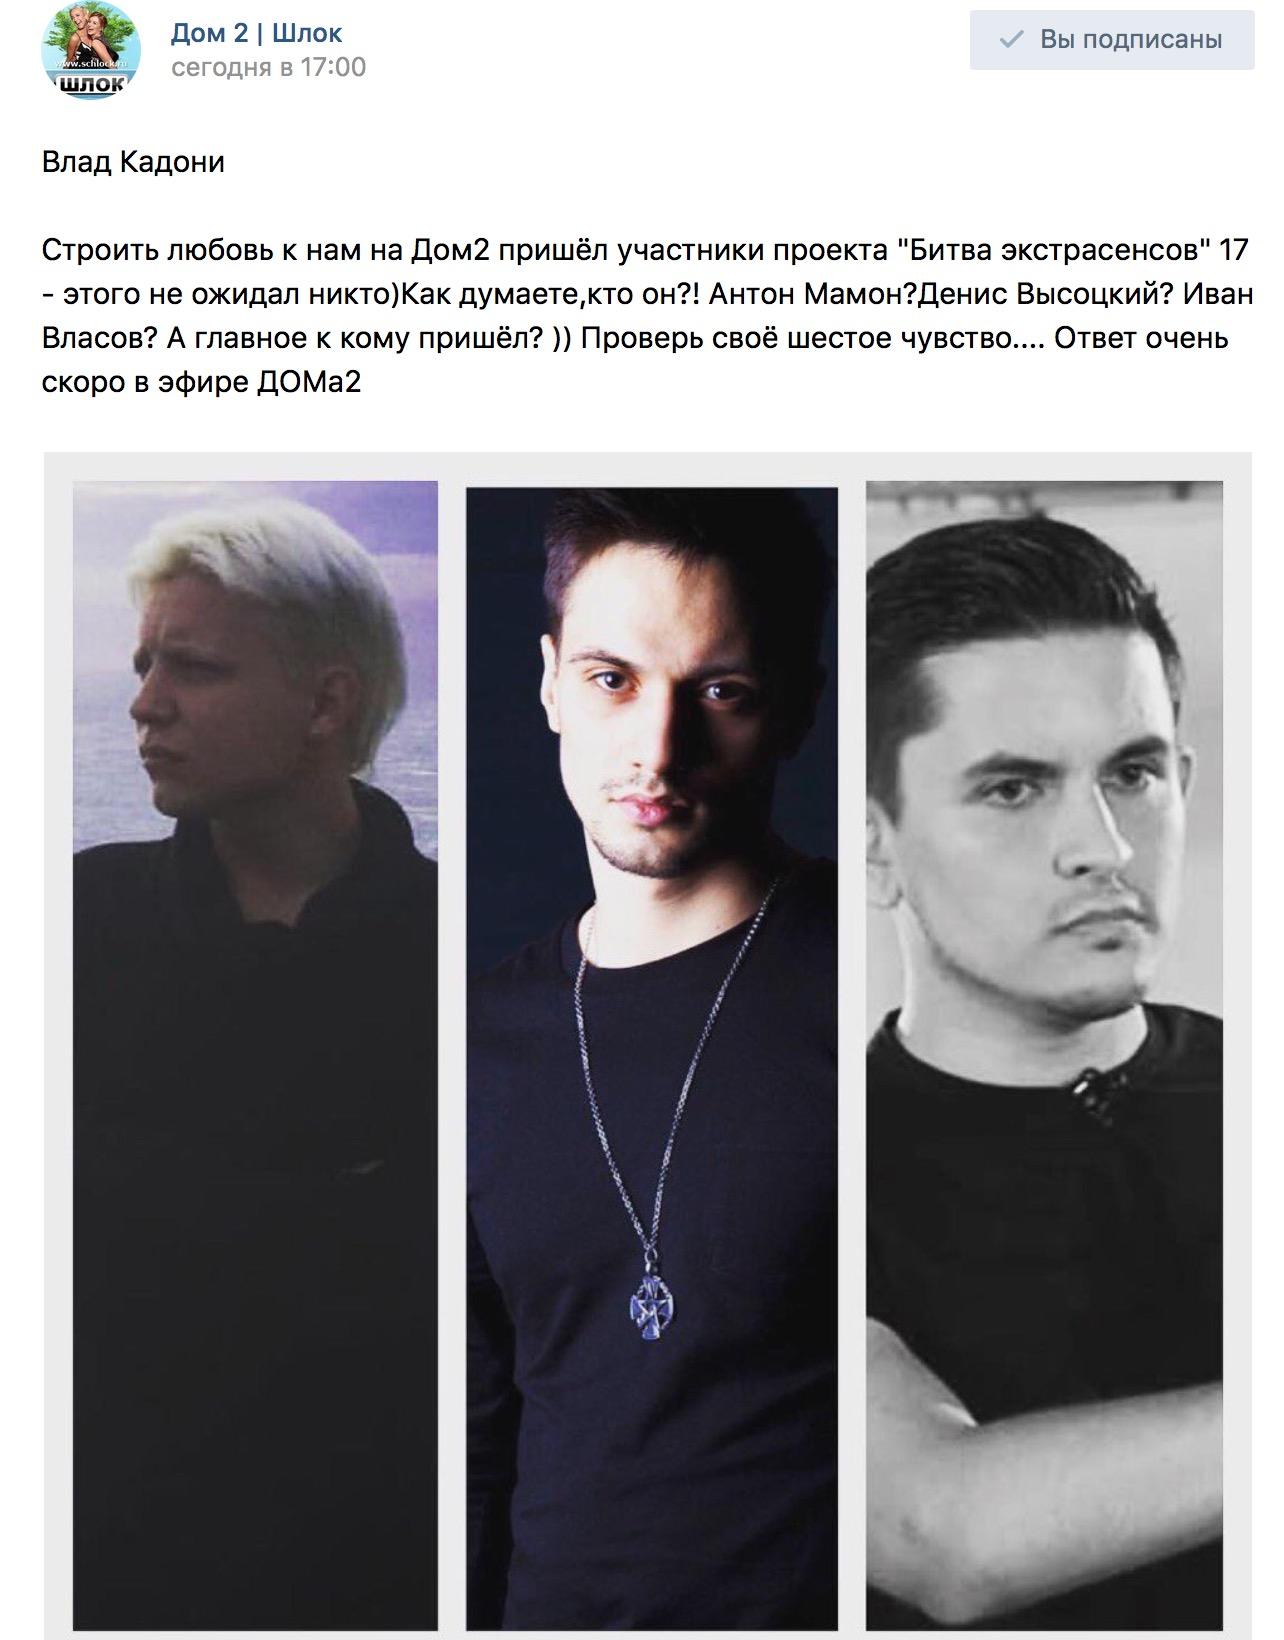 """пришёл участники проекта """"Битва экстрасенсов"""" 17"""